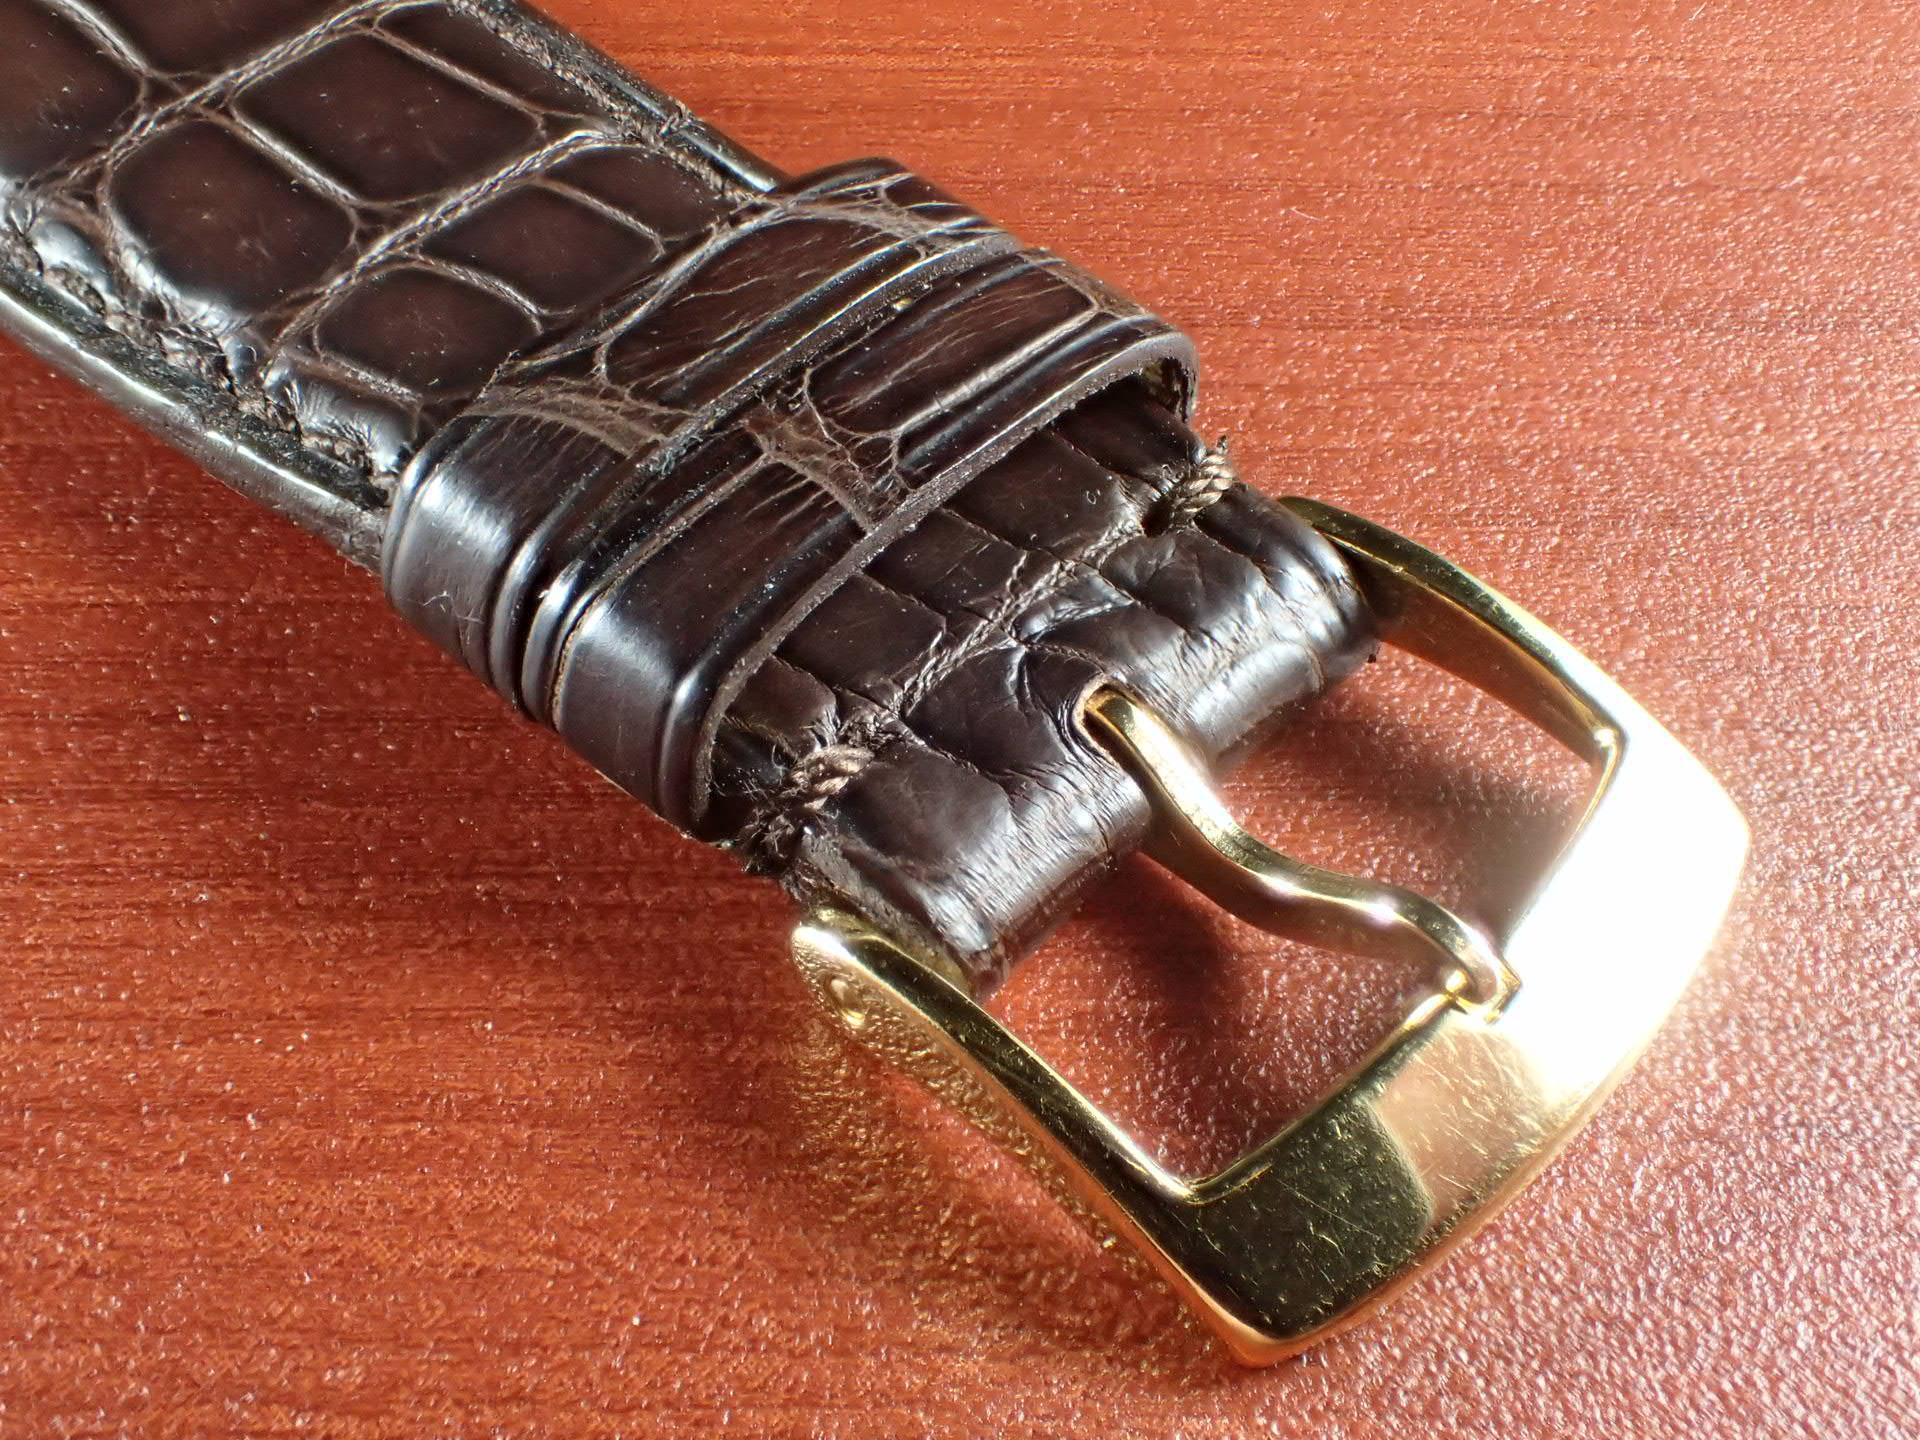 ジャン・クロード ペラン革ベルト(オールドペラン)クロコダイル ダークブラウン 22mmの写真3枚目